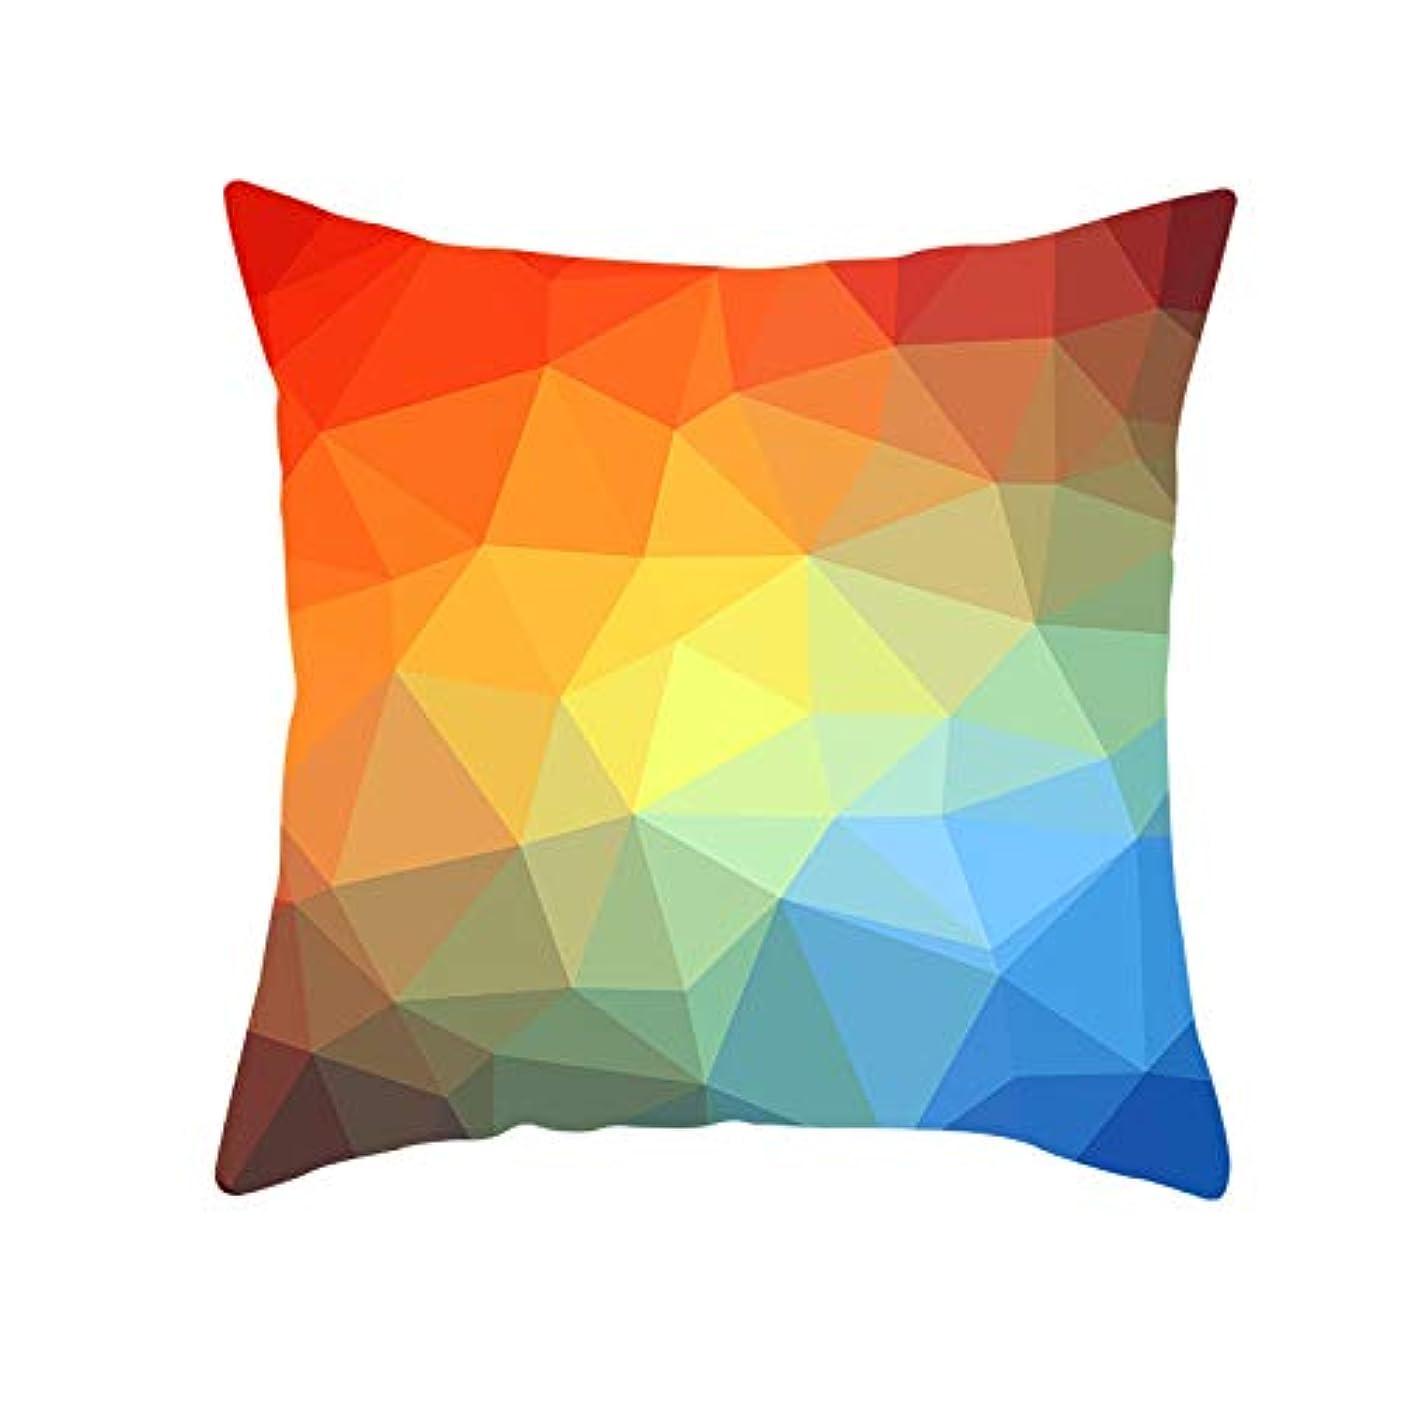 知り合いになる魅力的であることへのアピール消費するLIFE 装飾クッションソファ 幾何学プリントポリエステル正方形の枕ソファスロークッション家の装飾 coussin デ長椅子 クッション 椅子